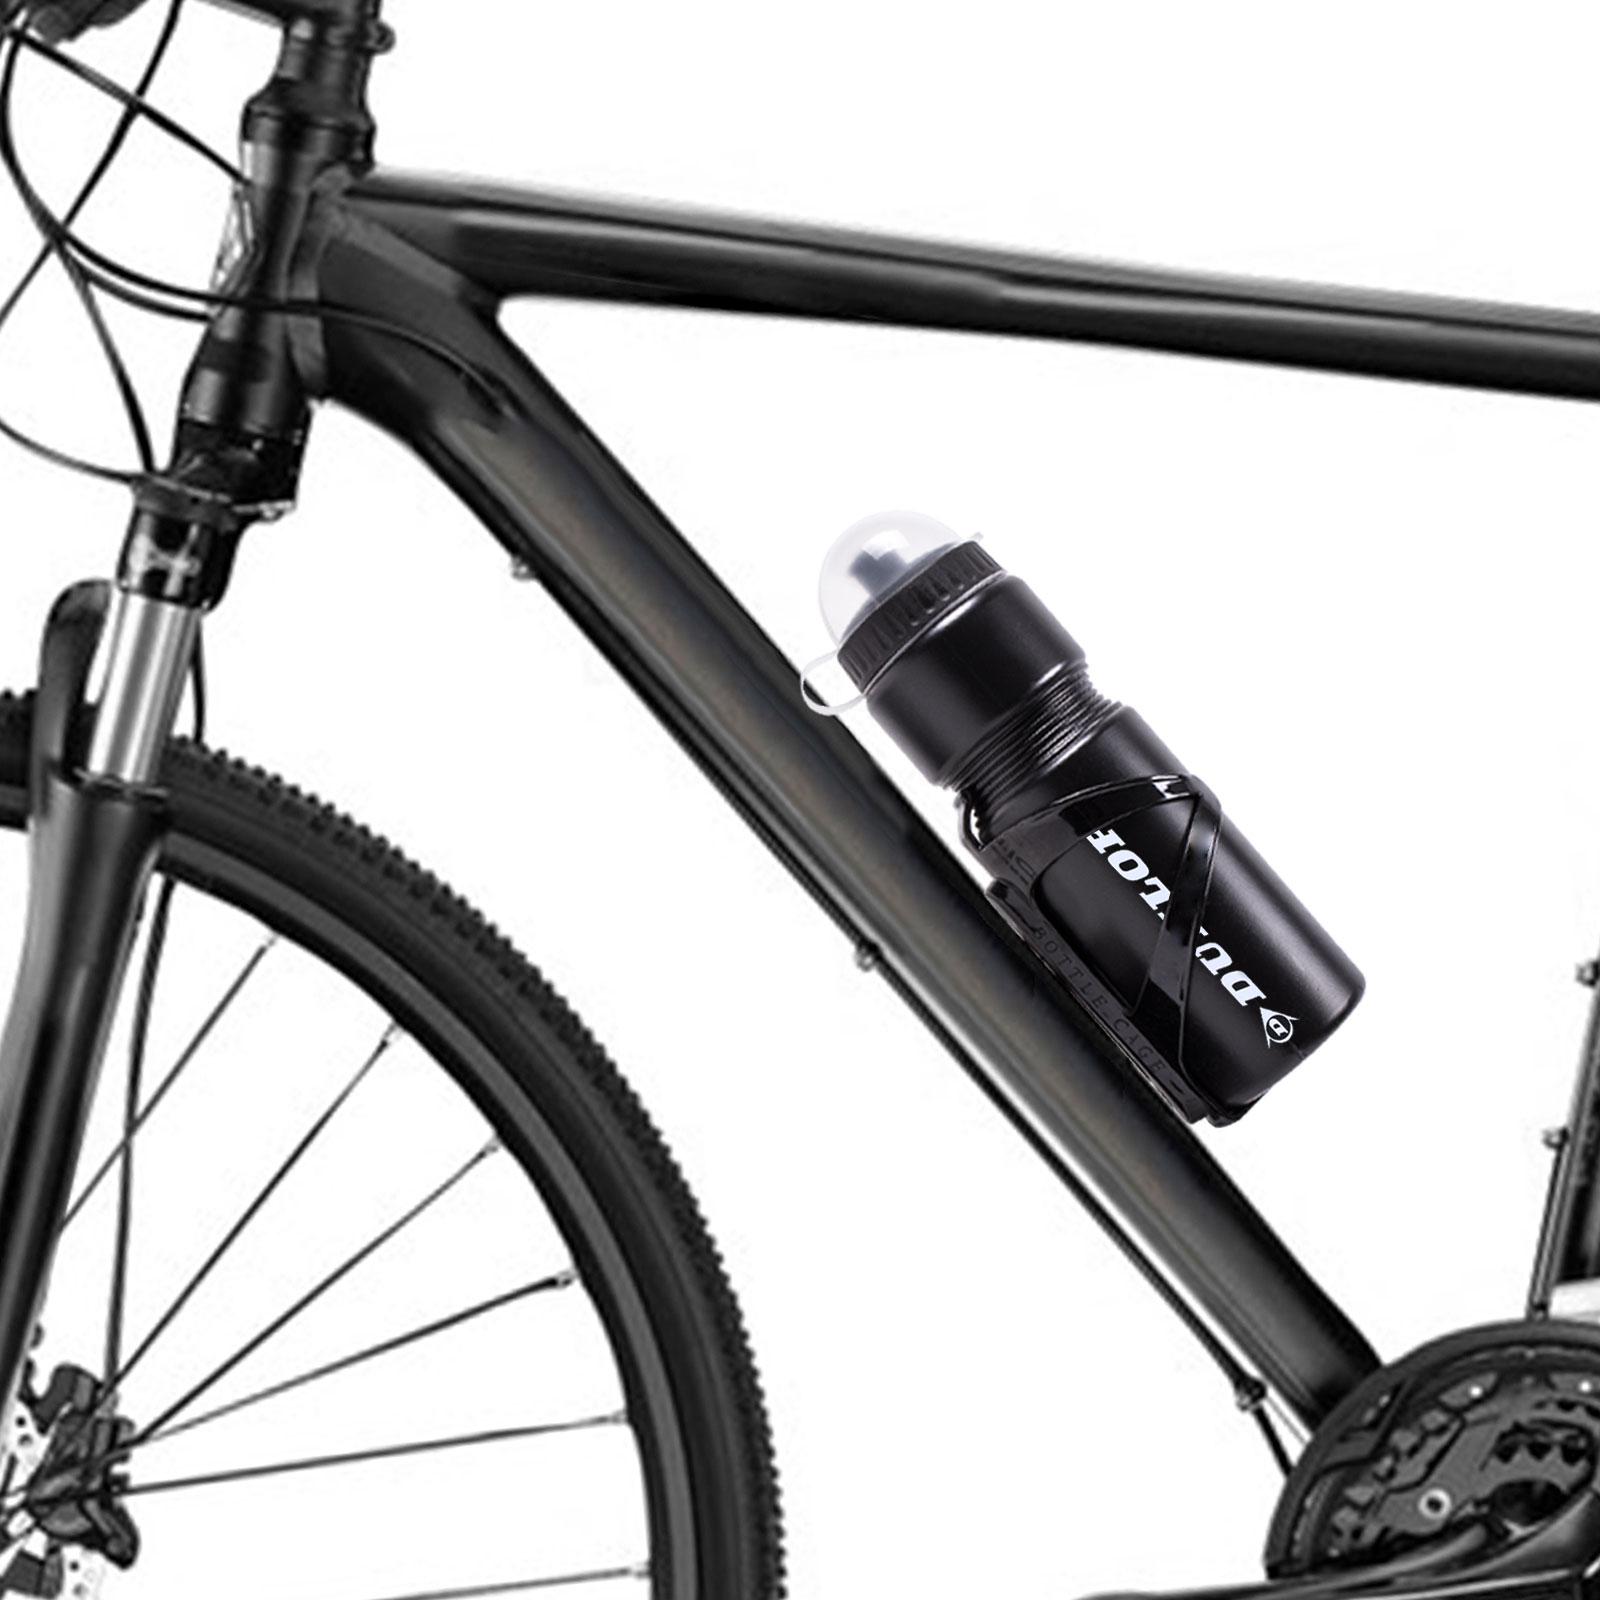 dunlop fahrrad trinkflasche 750 ml schwarz inkl halter. Black Bedroom Furniture Sets. Home Design Ideas